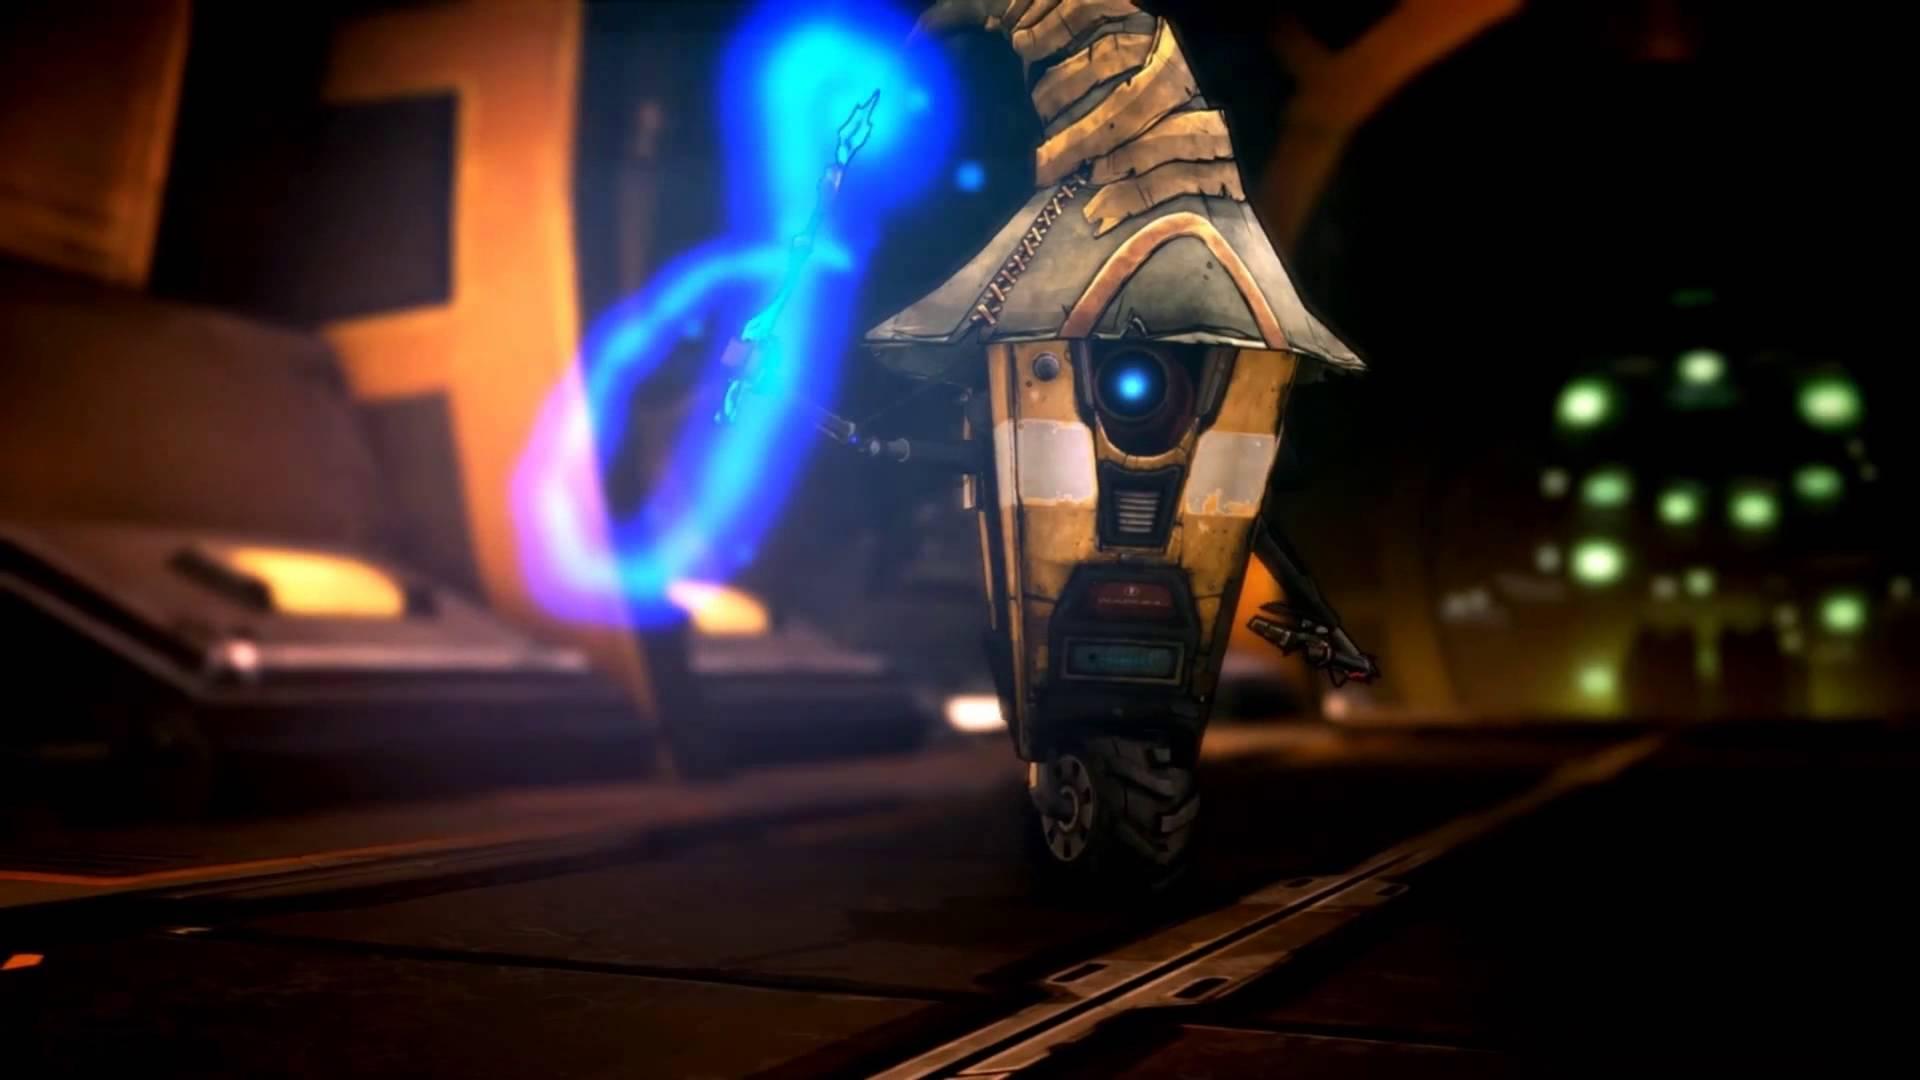 『Borderlands 2』&『The Pre-Sequel』を同時収録、さらに全DLCを同梱したPS4/XboxOne版が発売決定!画面分割による4人協力プレイ対応!